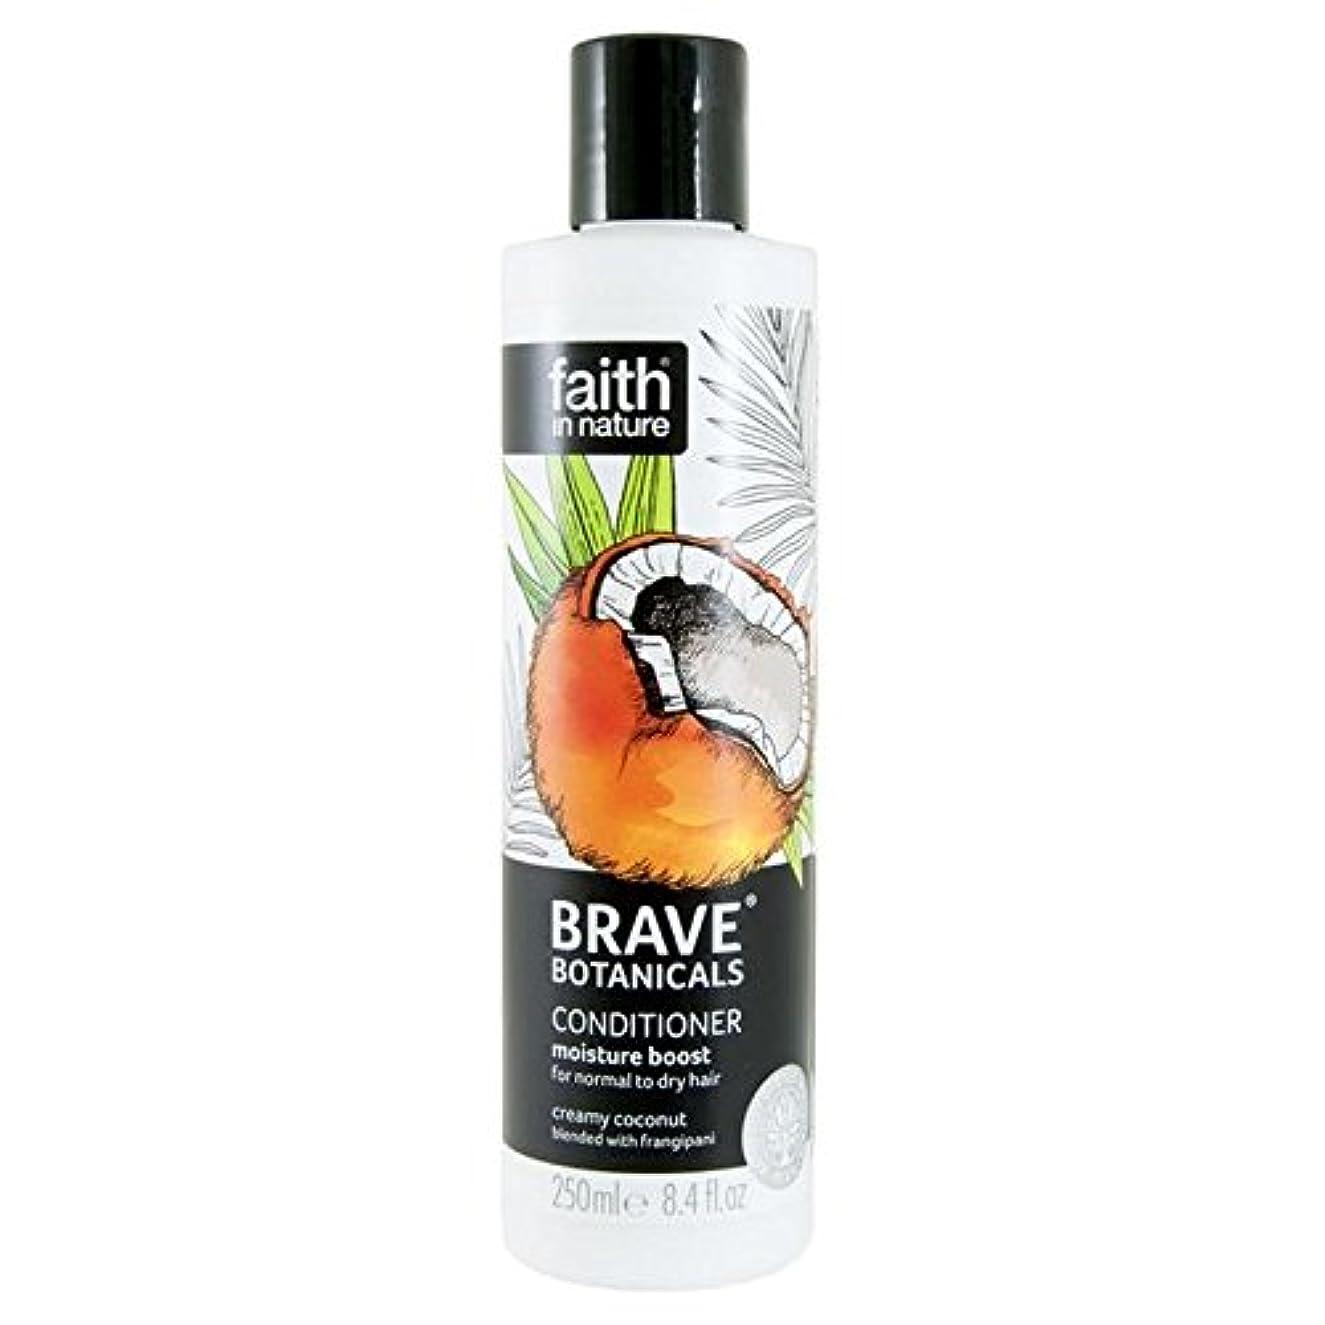 化学表面的な成功するBrave Botanicals Coconut & Frangipani Moisture Boost Conditioner 250ml (Pack of 4) - (Faith In Nature) 勇敢な植物ココナッツ...